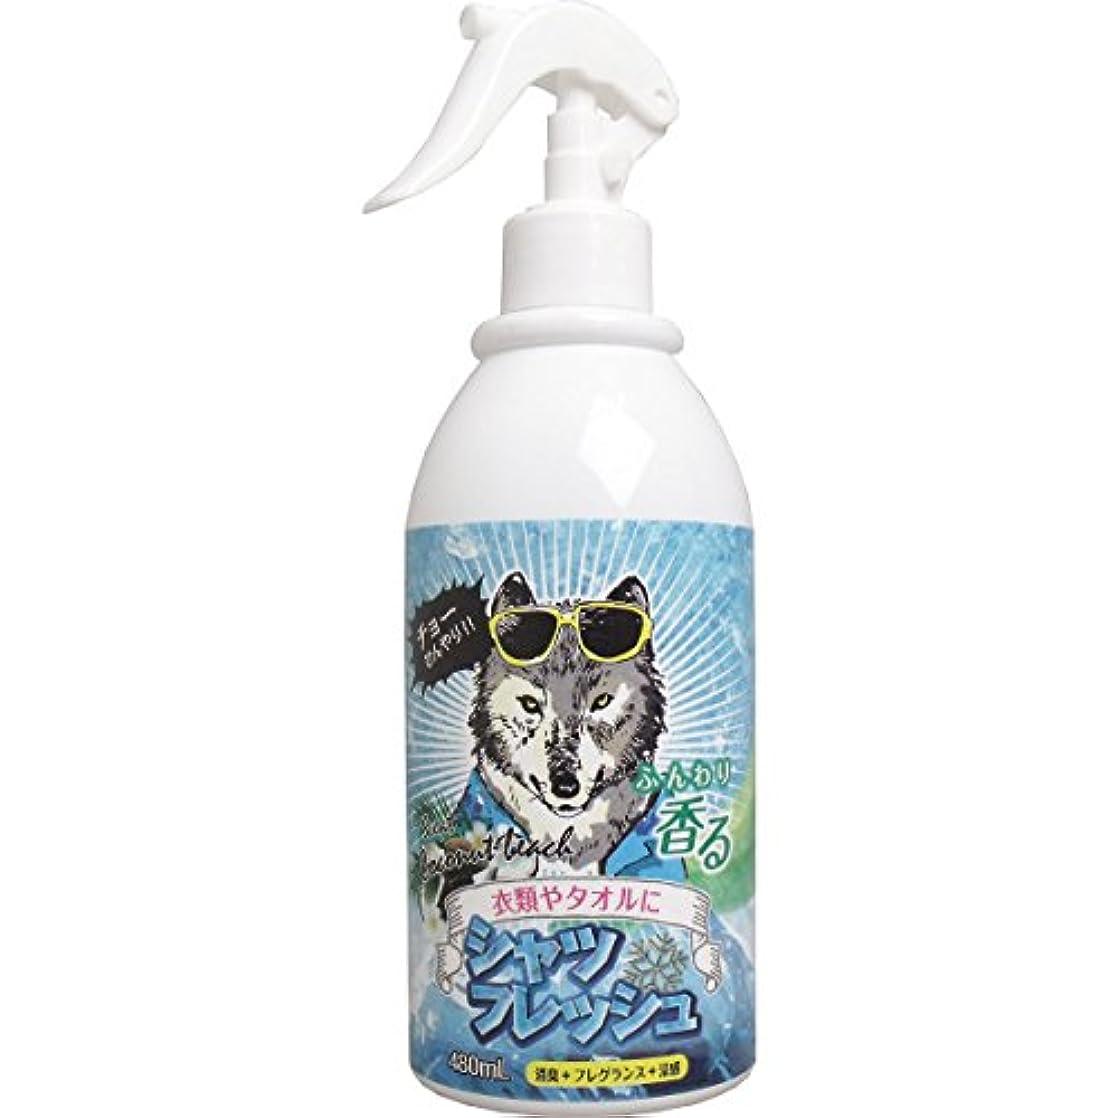 幻想保護カウント香るシャツフレッシュ オオカミ ココナッツピーチの香り 480mL